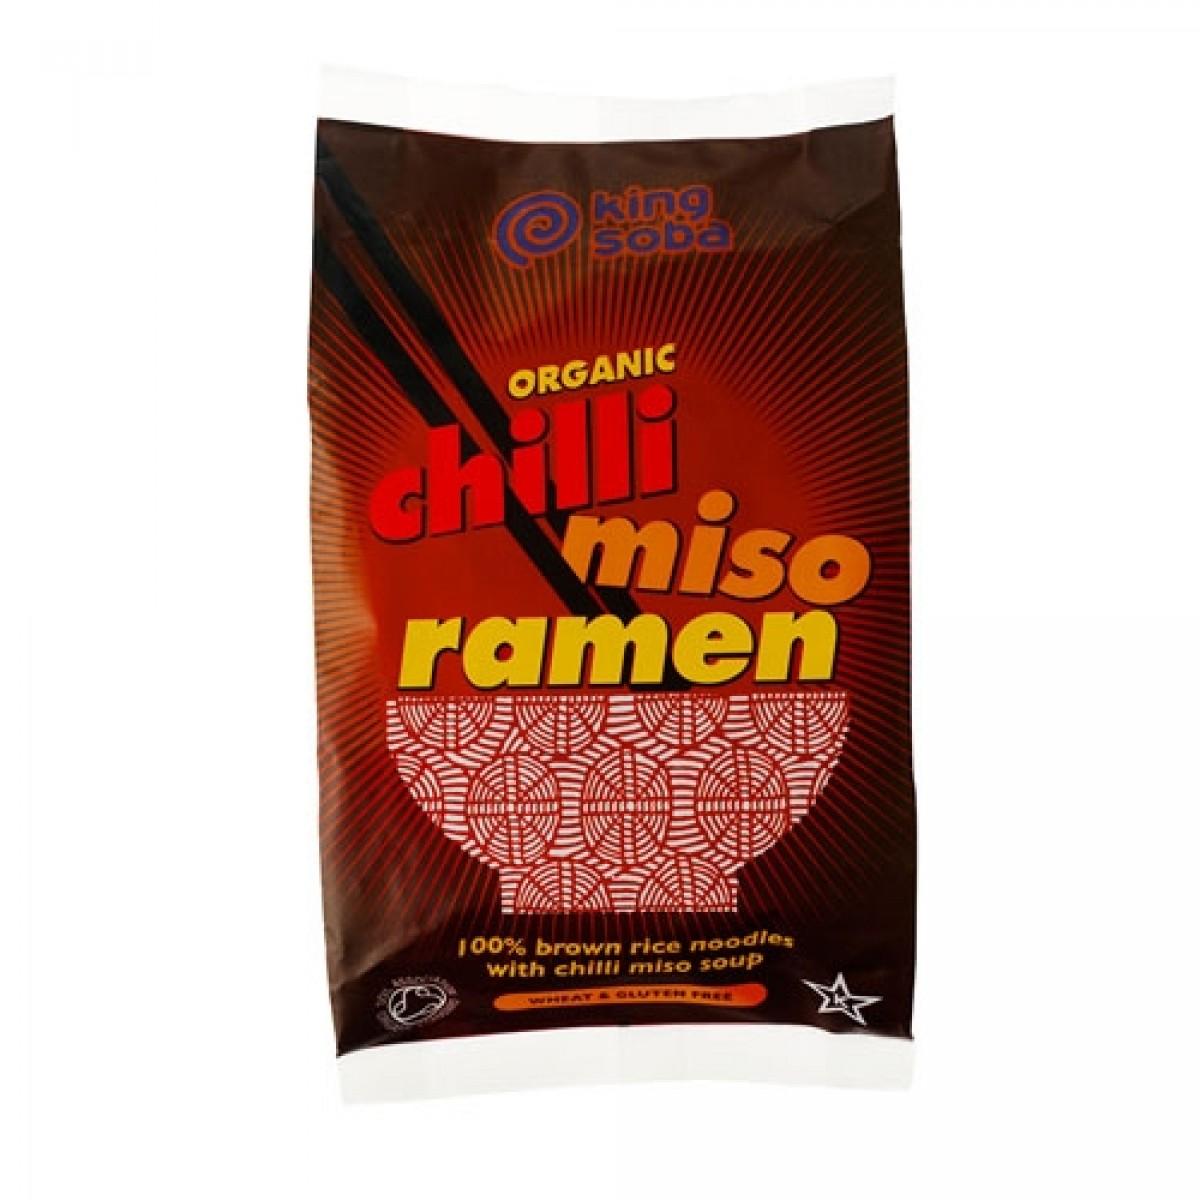 Miso Ramen Chili